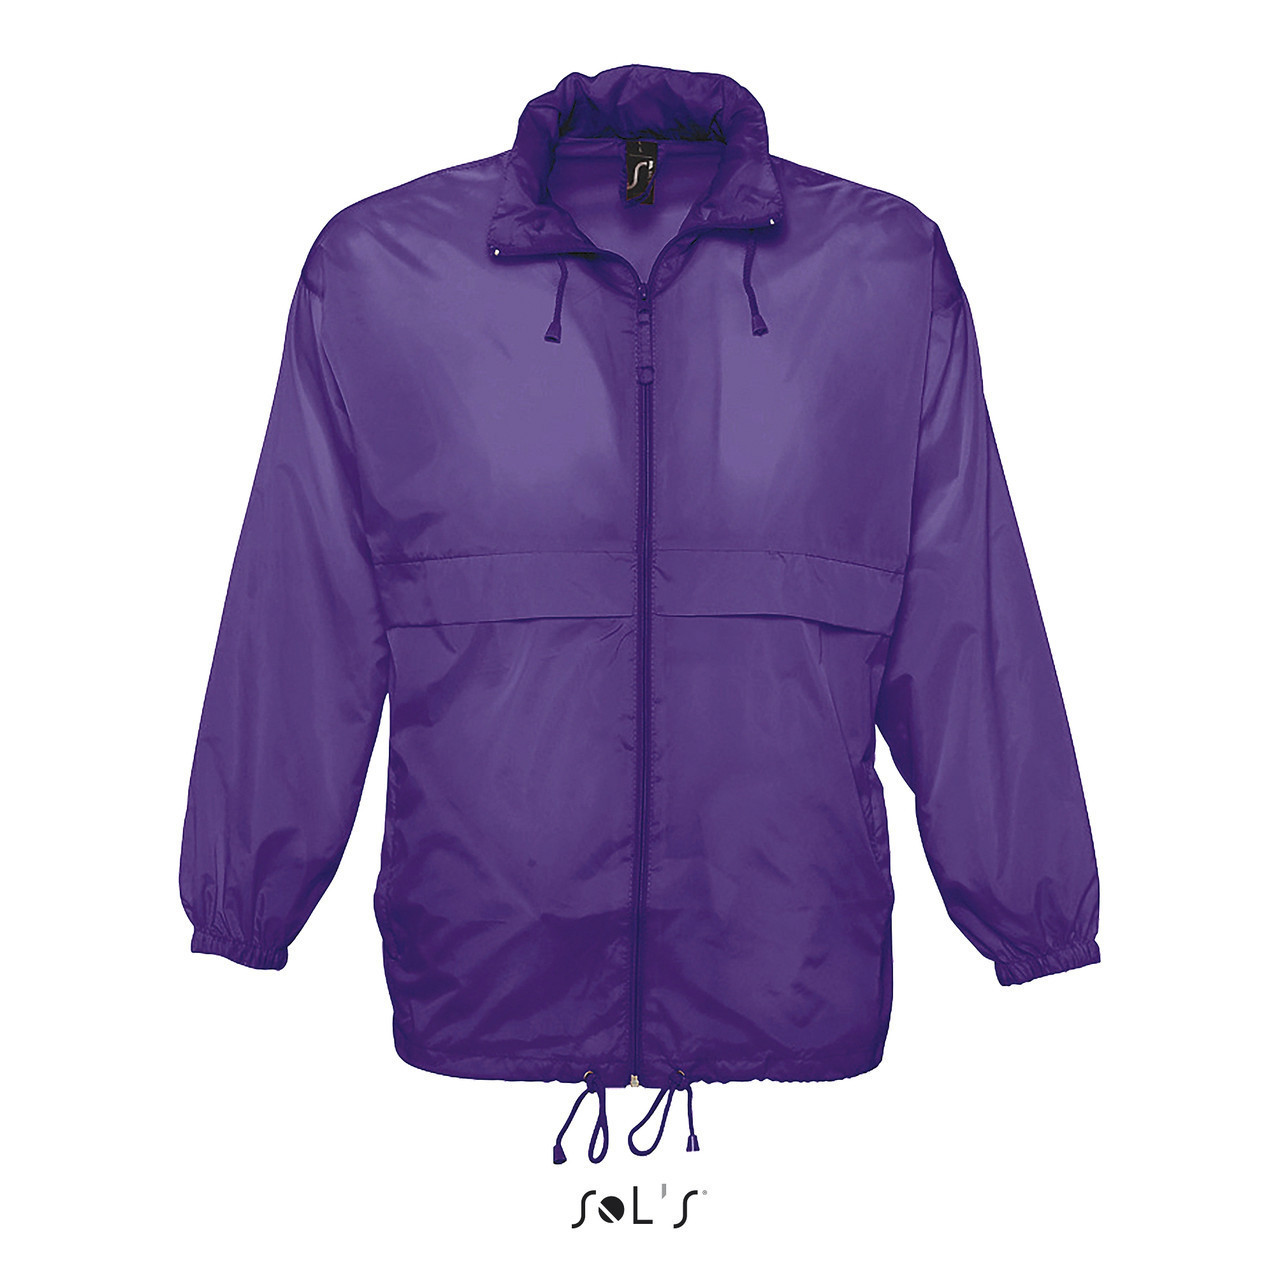 Водонепроницаемая ветровка Sols Surf,Фиолетовая XL